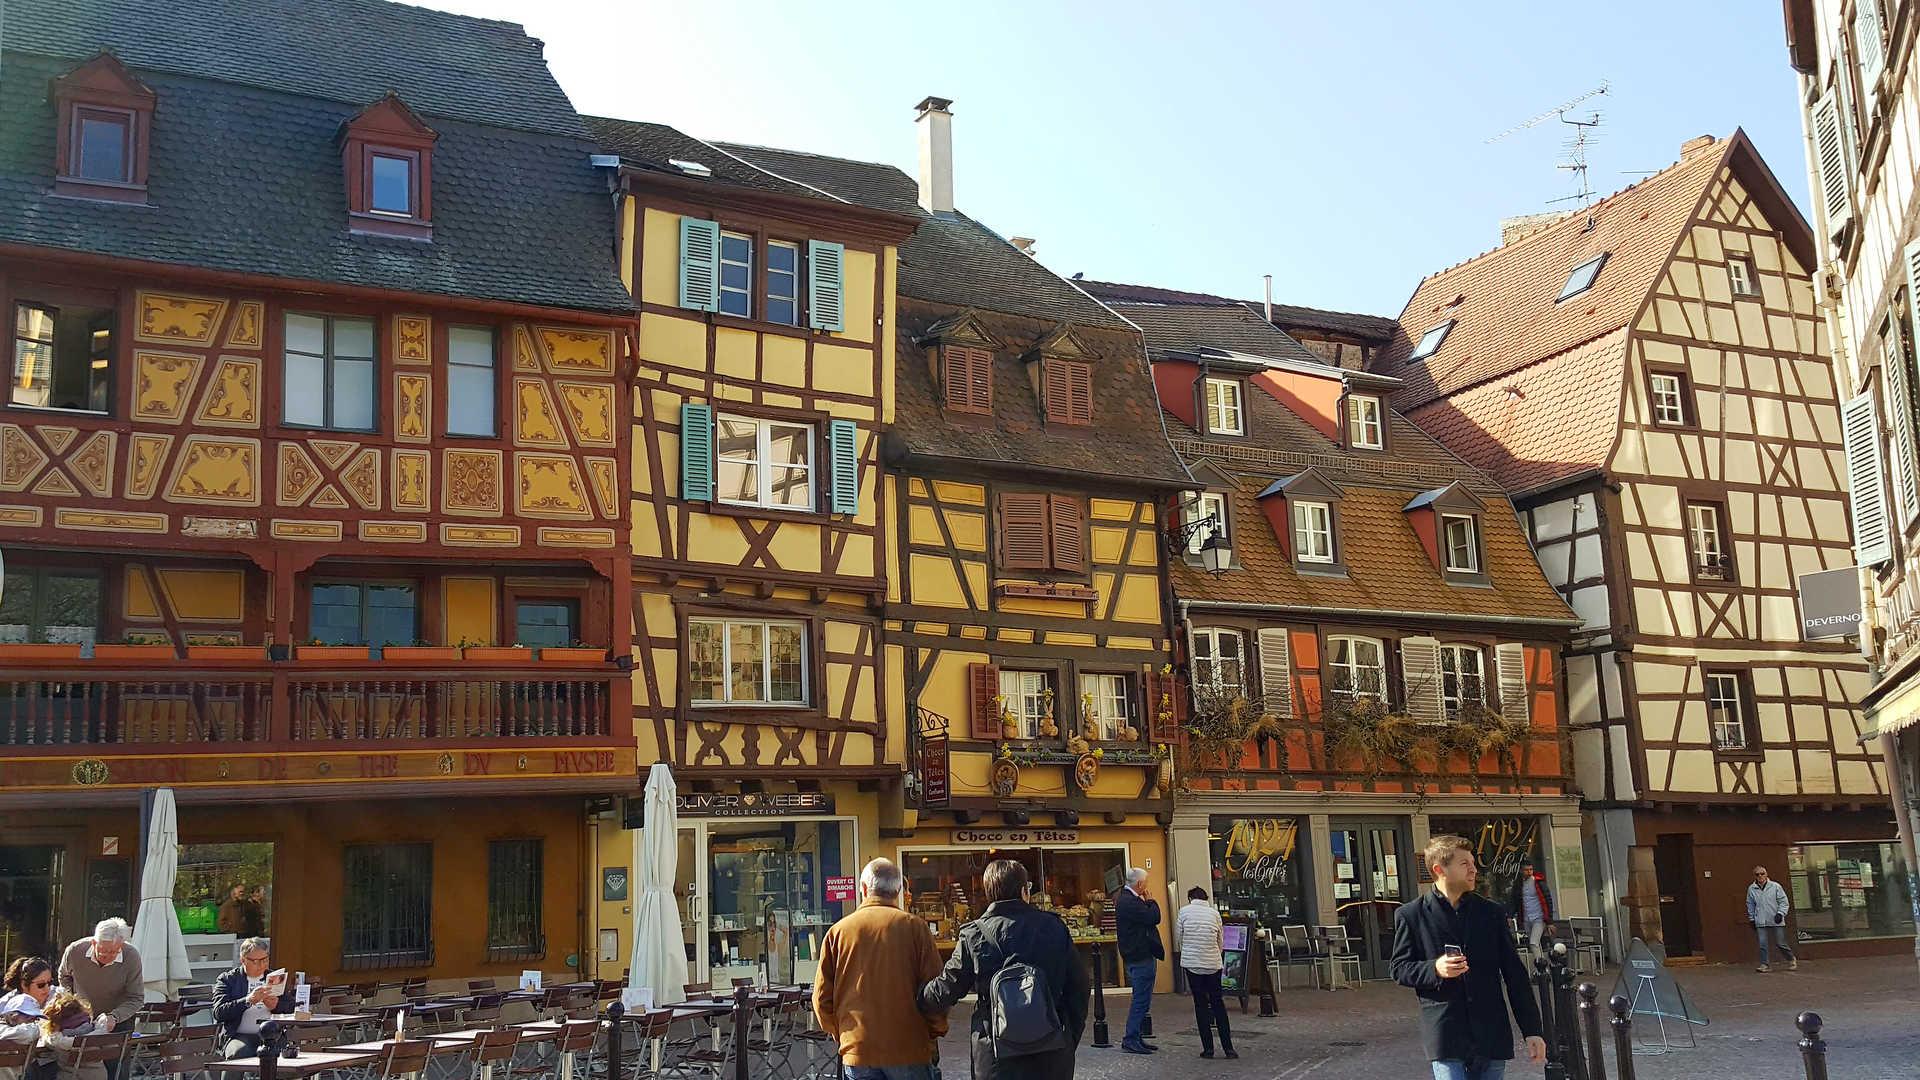 ville vivant avec les maisons colorées à pans de bois